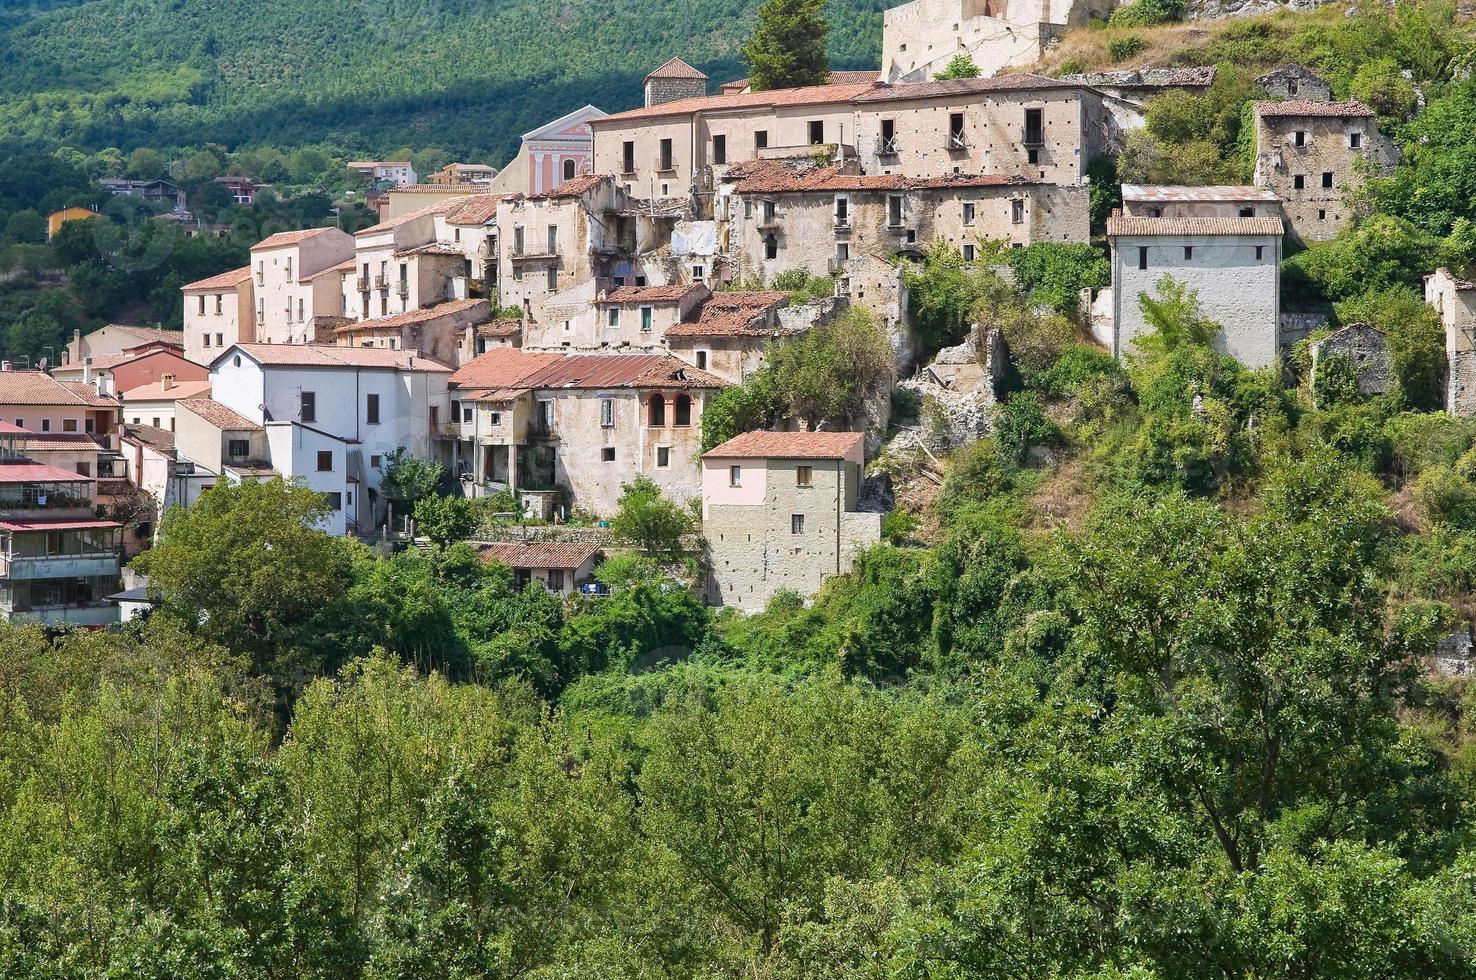 vista panorámica de brienza. basilicata. Italia. foto